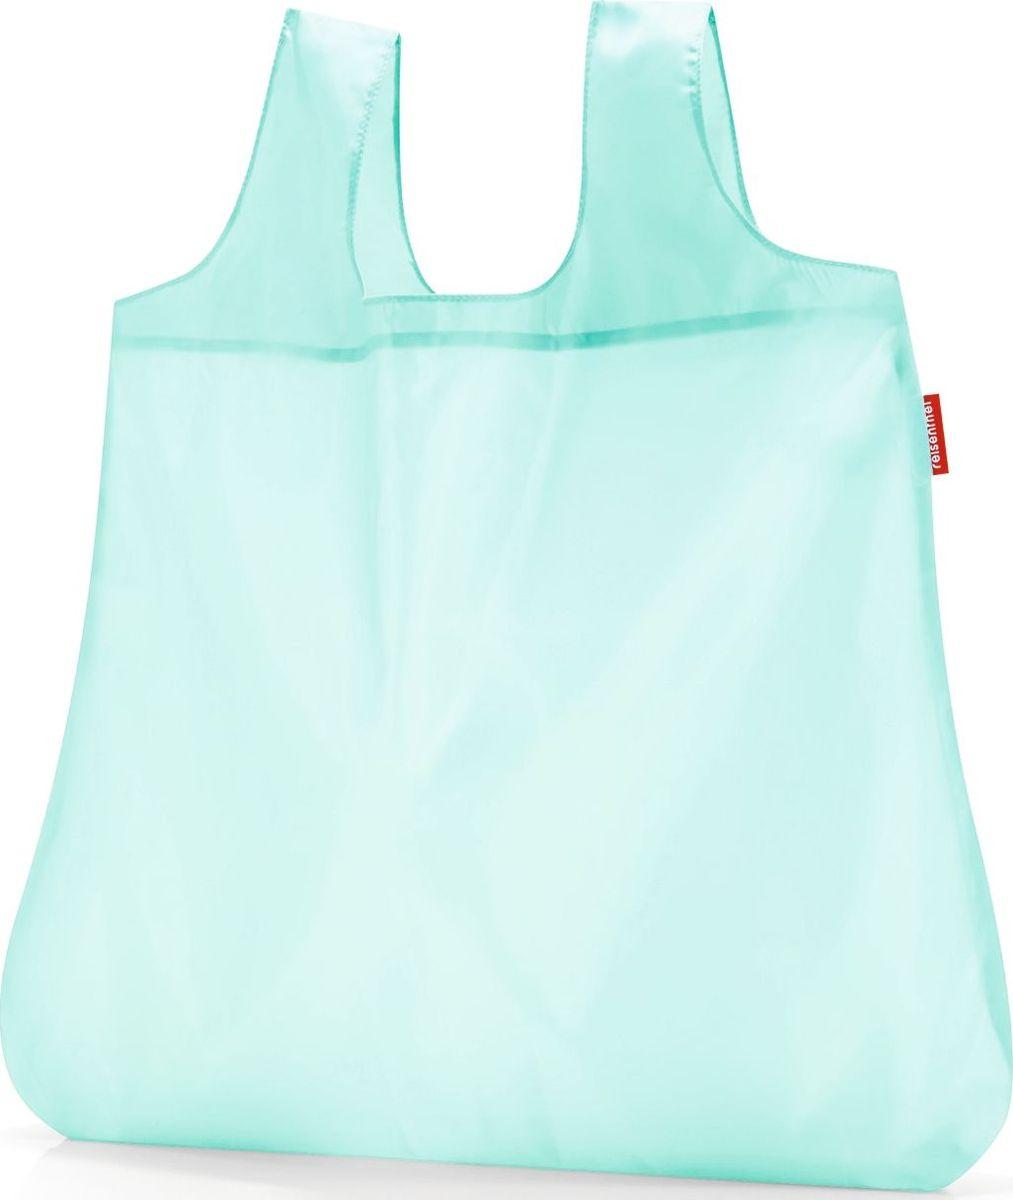 Сумка складная Reisenthel, цвет: голубой. AO4056AO4056Стильная и практичная сумка Reisenthel для походов по магазинам. Экологичная альтернатива одноразовым пакетам. Компактно складываться в небольшой чехольчик и может поместиться даже в карман. У чехла есть карабин, что позволяет прикрепить его к сумке или рюкзаку. Вместительная и прочная сумка будет всегда под рукой на случай непредвиденных покупок.Размер в сложенном состоянии: 10 х 6 х 2 см. Удобные широкие лямки для переноски в руках. Объем: 15 л.